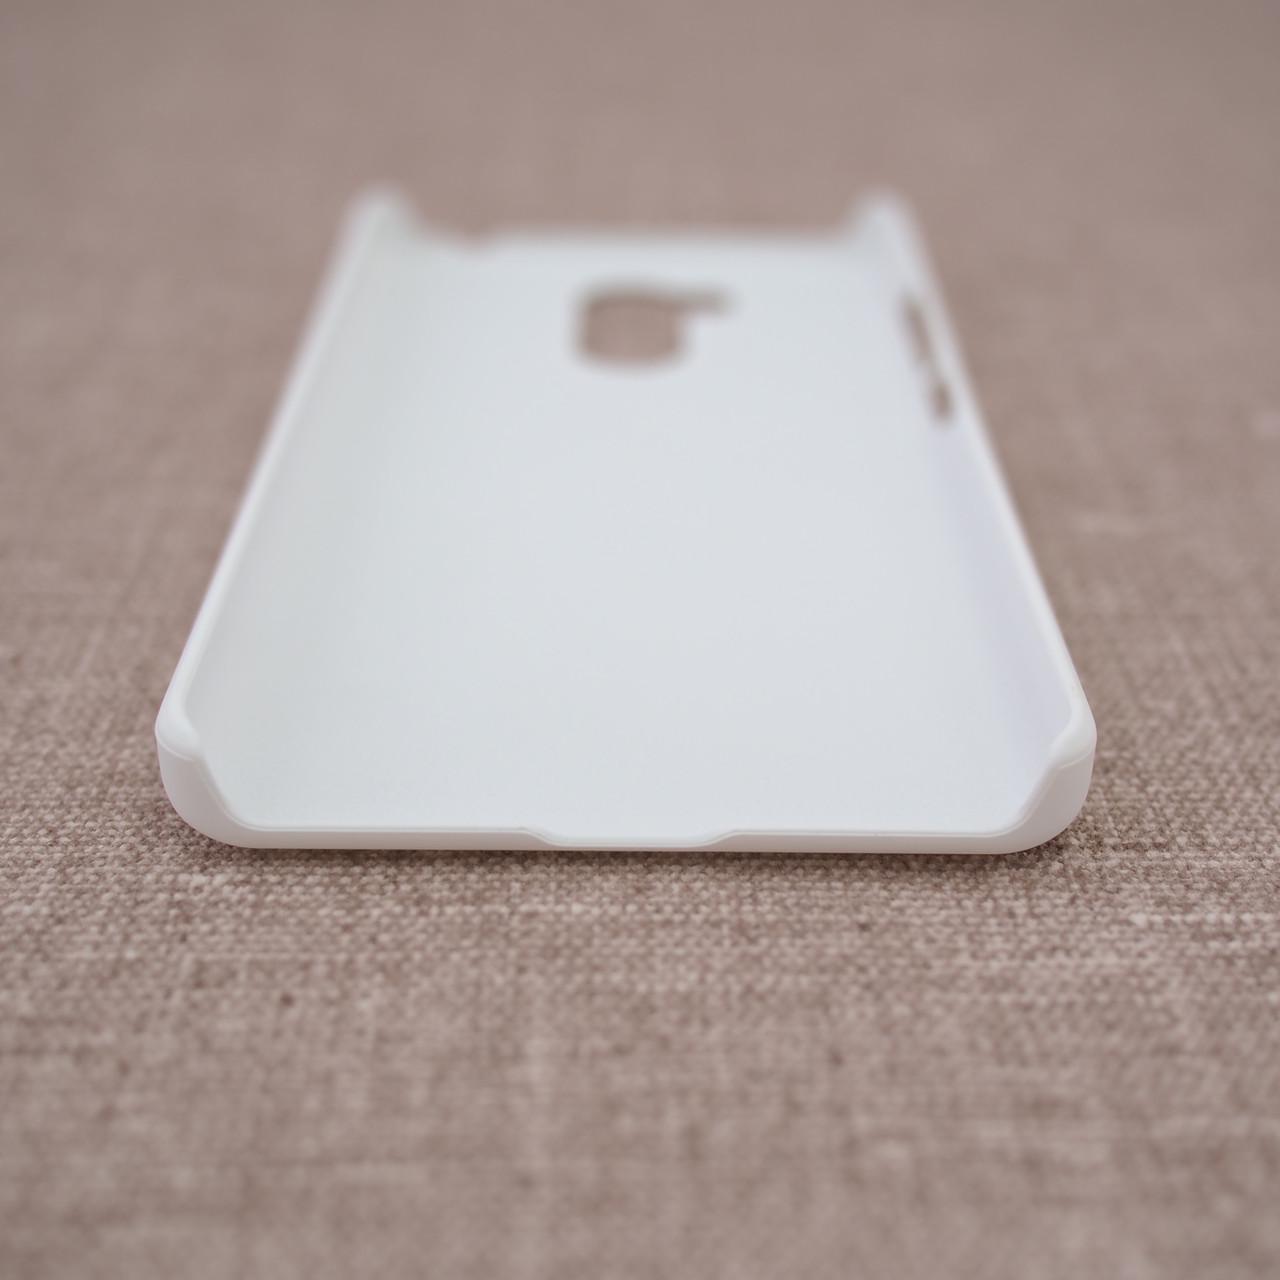 Накладка Nillkin Super Frosted Shield Xiaomi Redmi 4 Pro white Prime